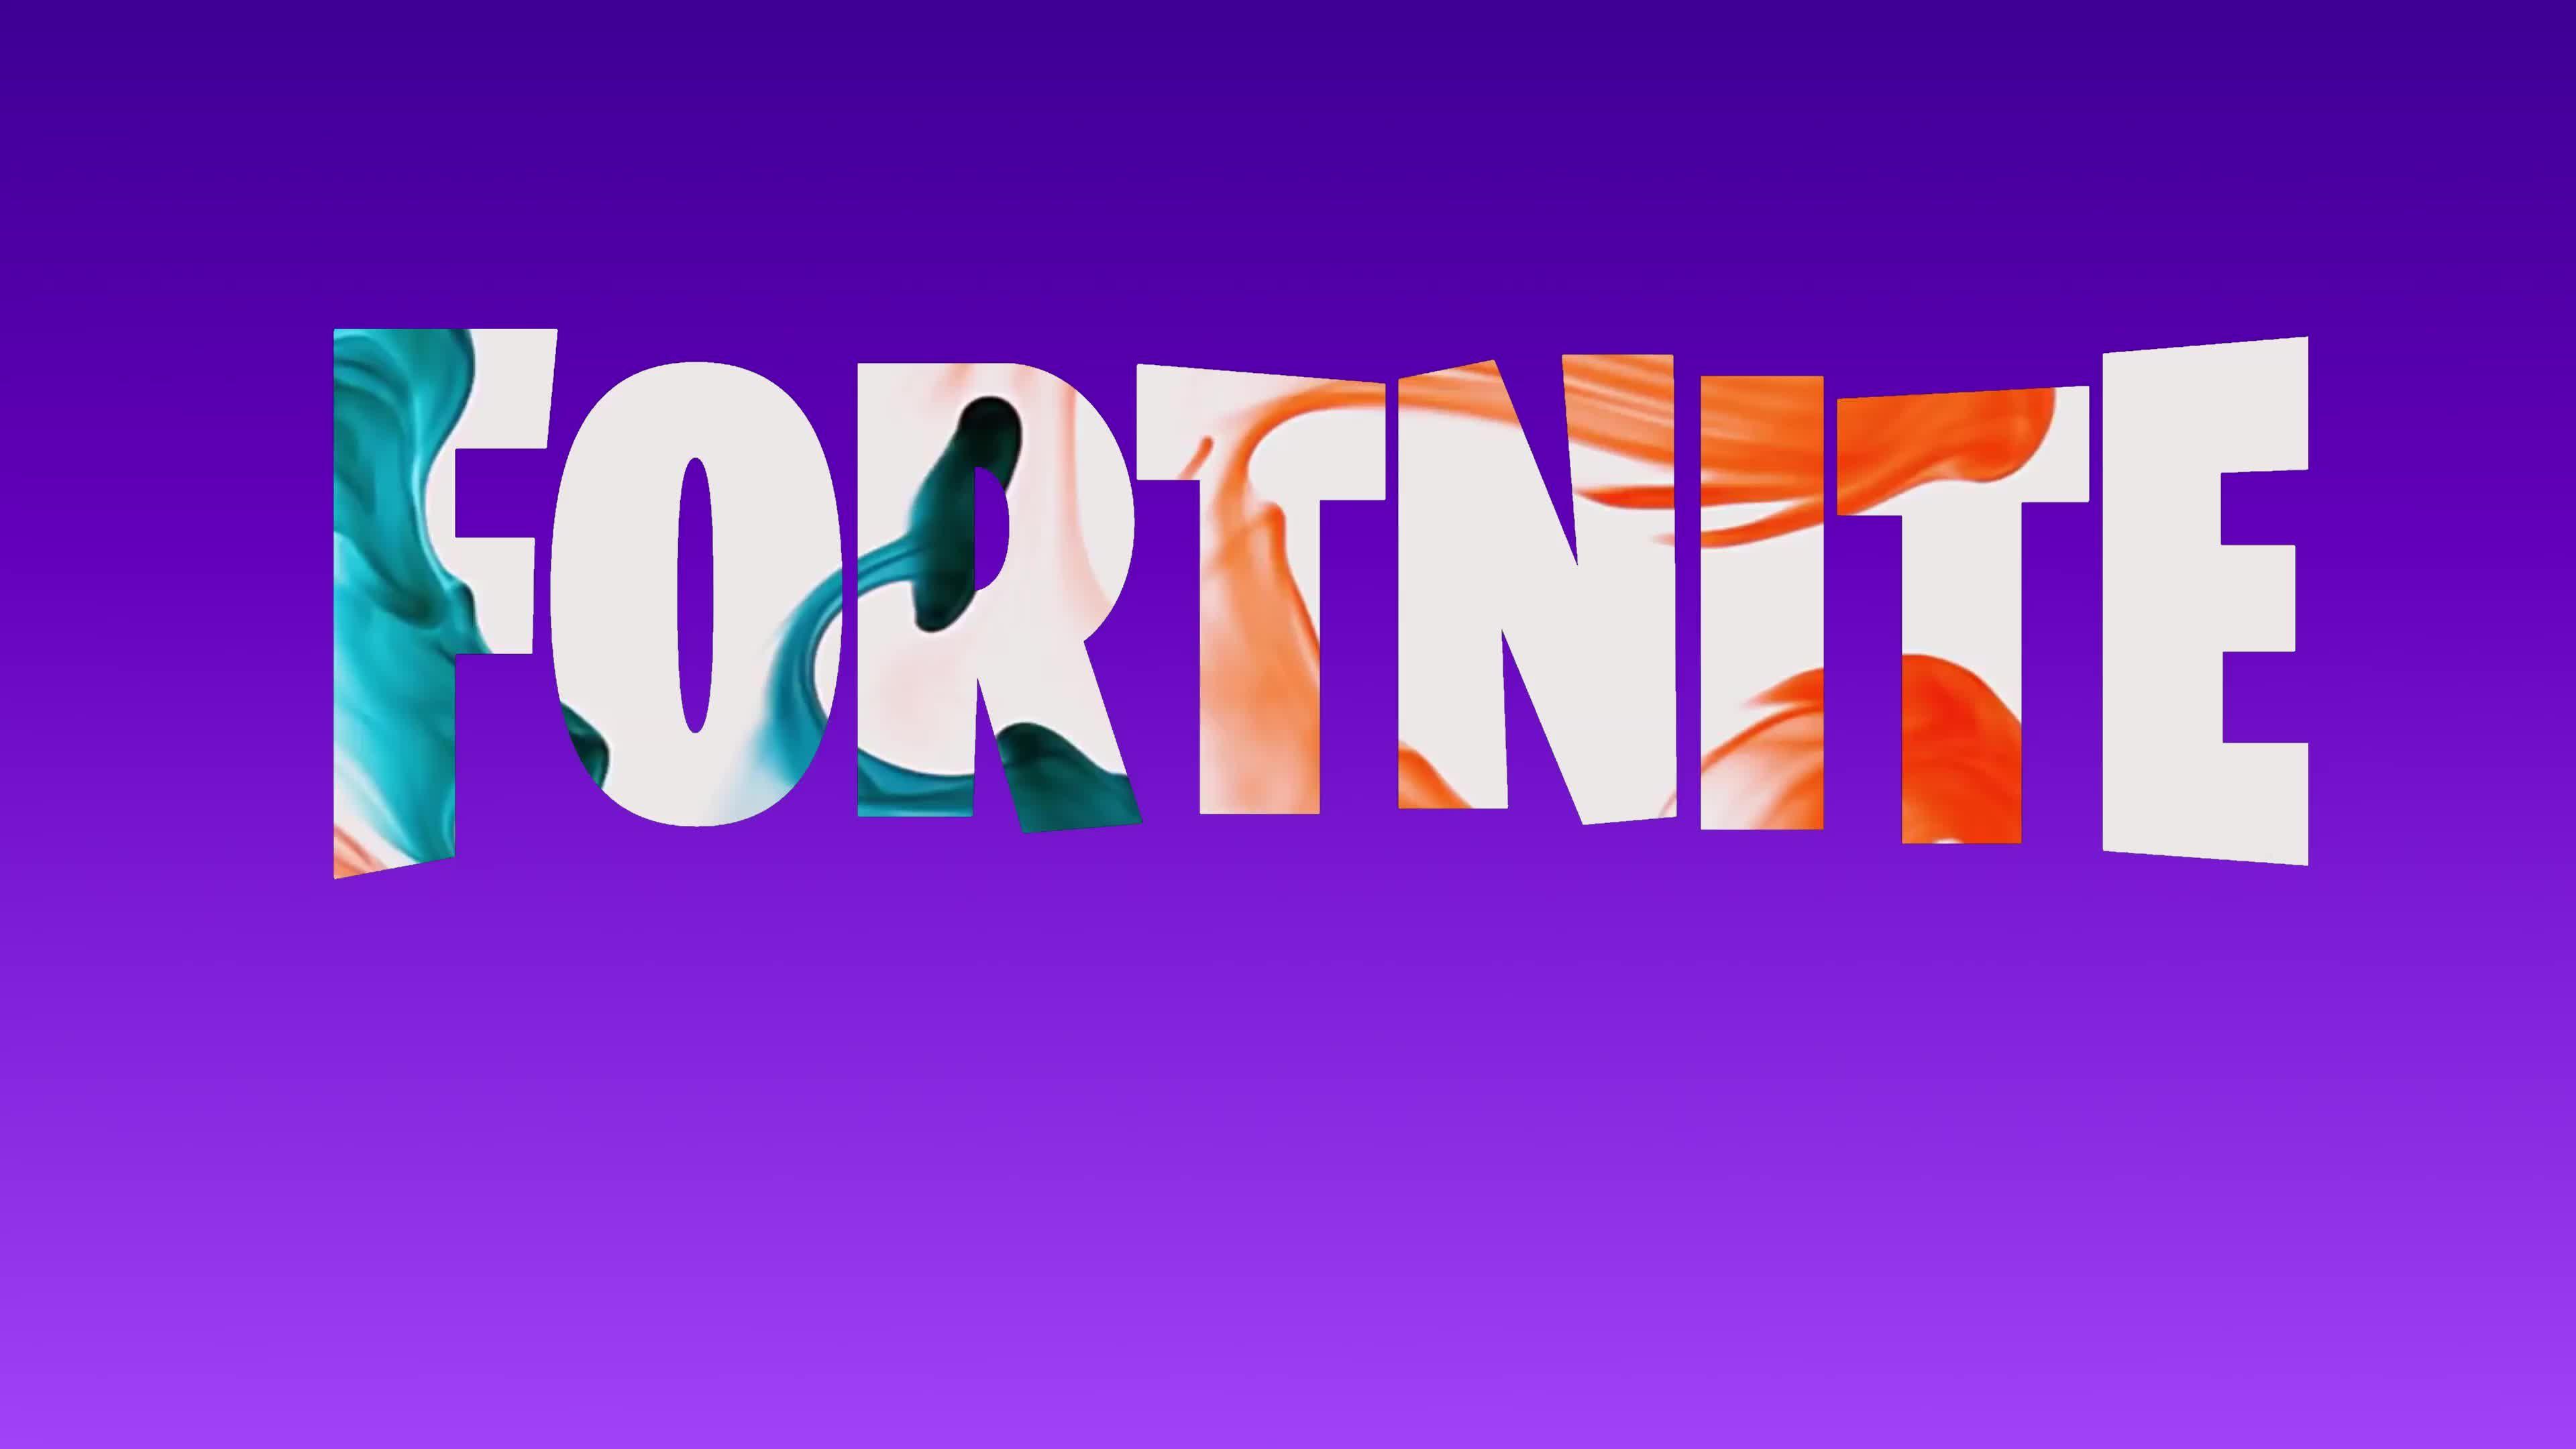 Fortnite Game Fluid 4k Live Wallpaper - Youtube Fortnite Channel Art - HD Wallpaper